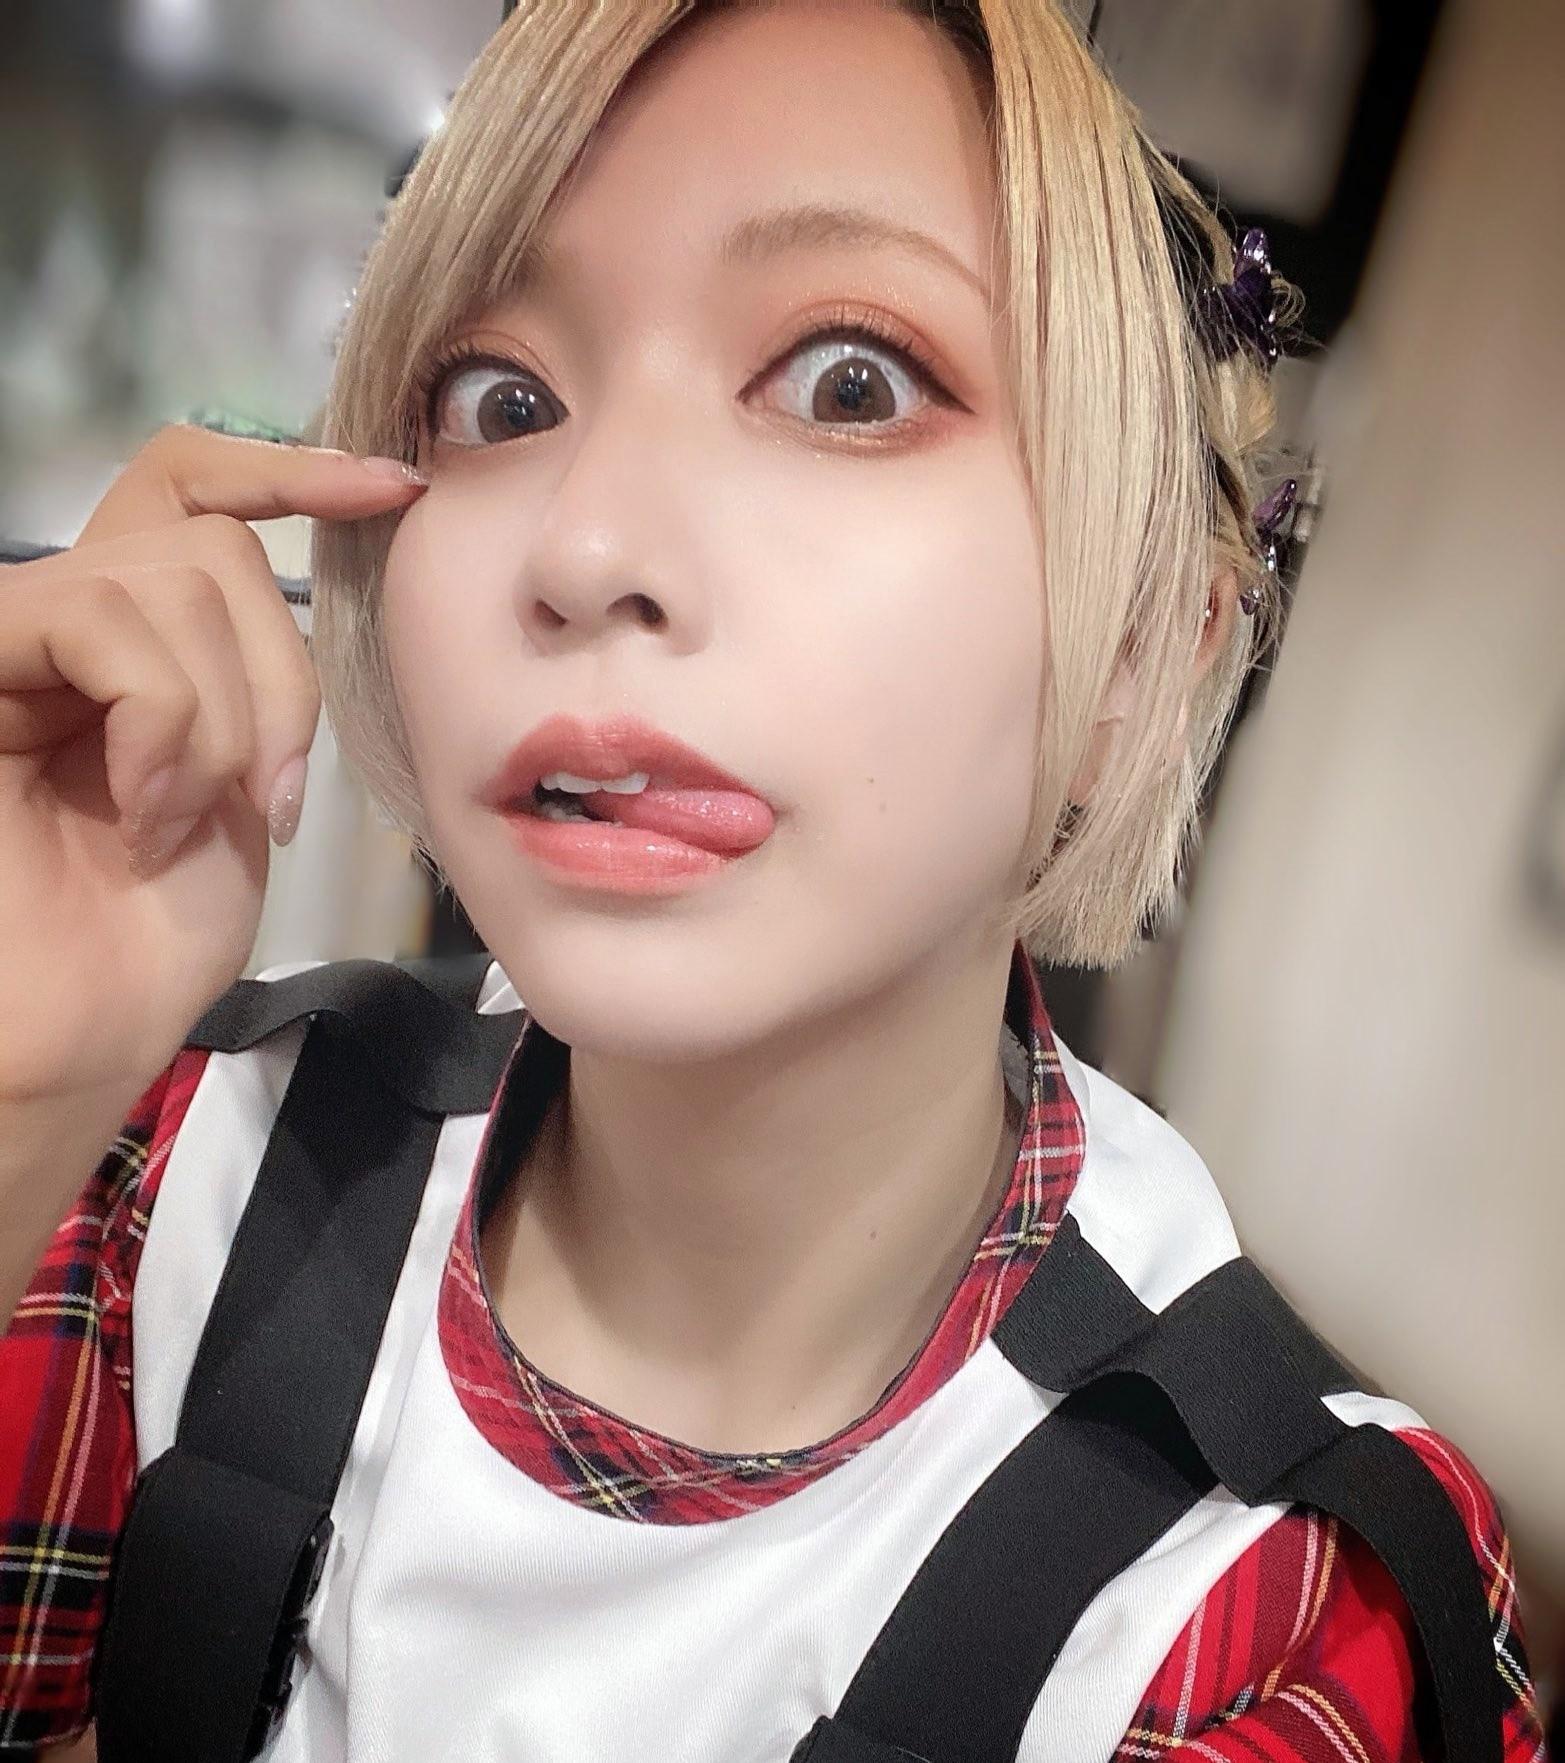 FaM・えむの舌出し (2)